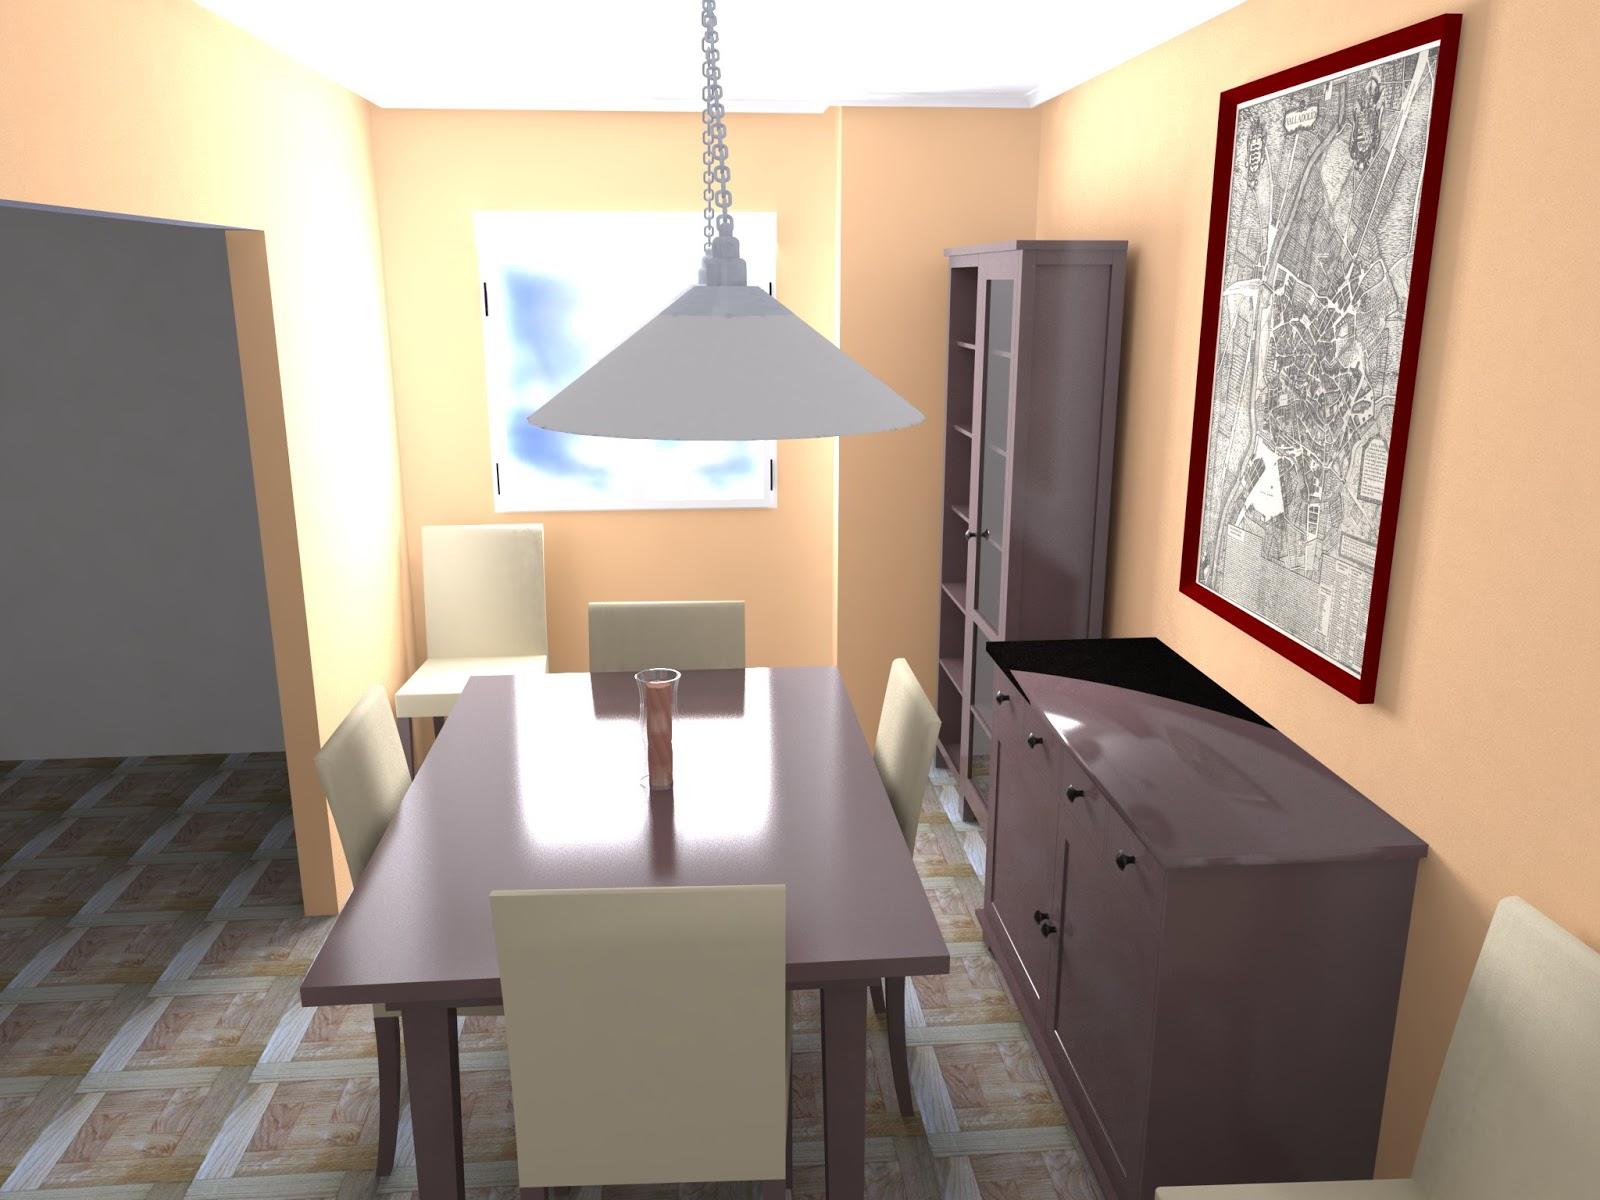 Rh design comedor muebles ikea - Ikea vitrinas comedor ...